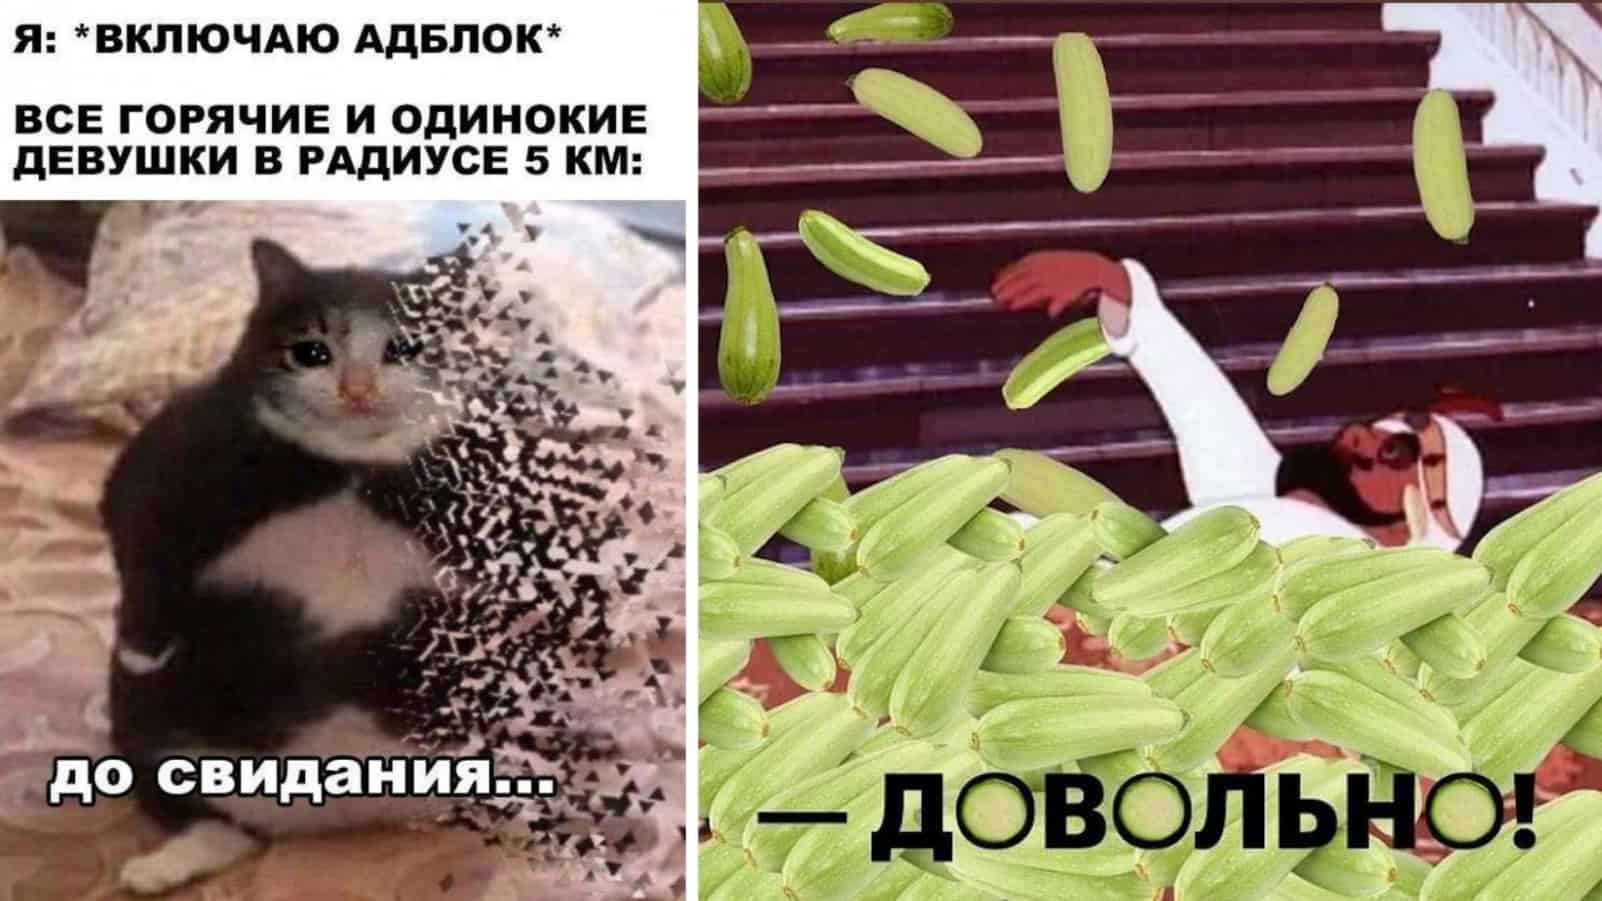 Мемы с утра пораньше и кабачки